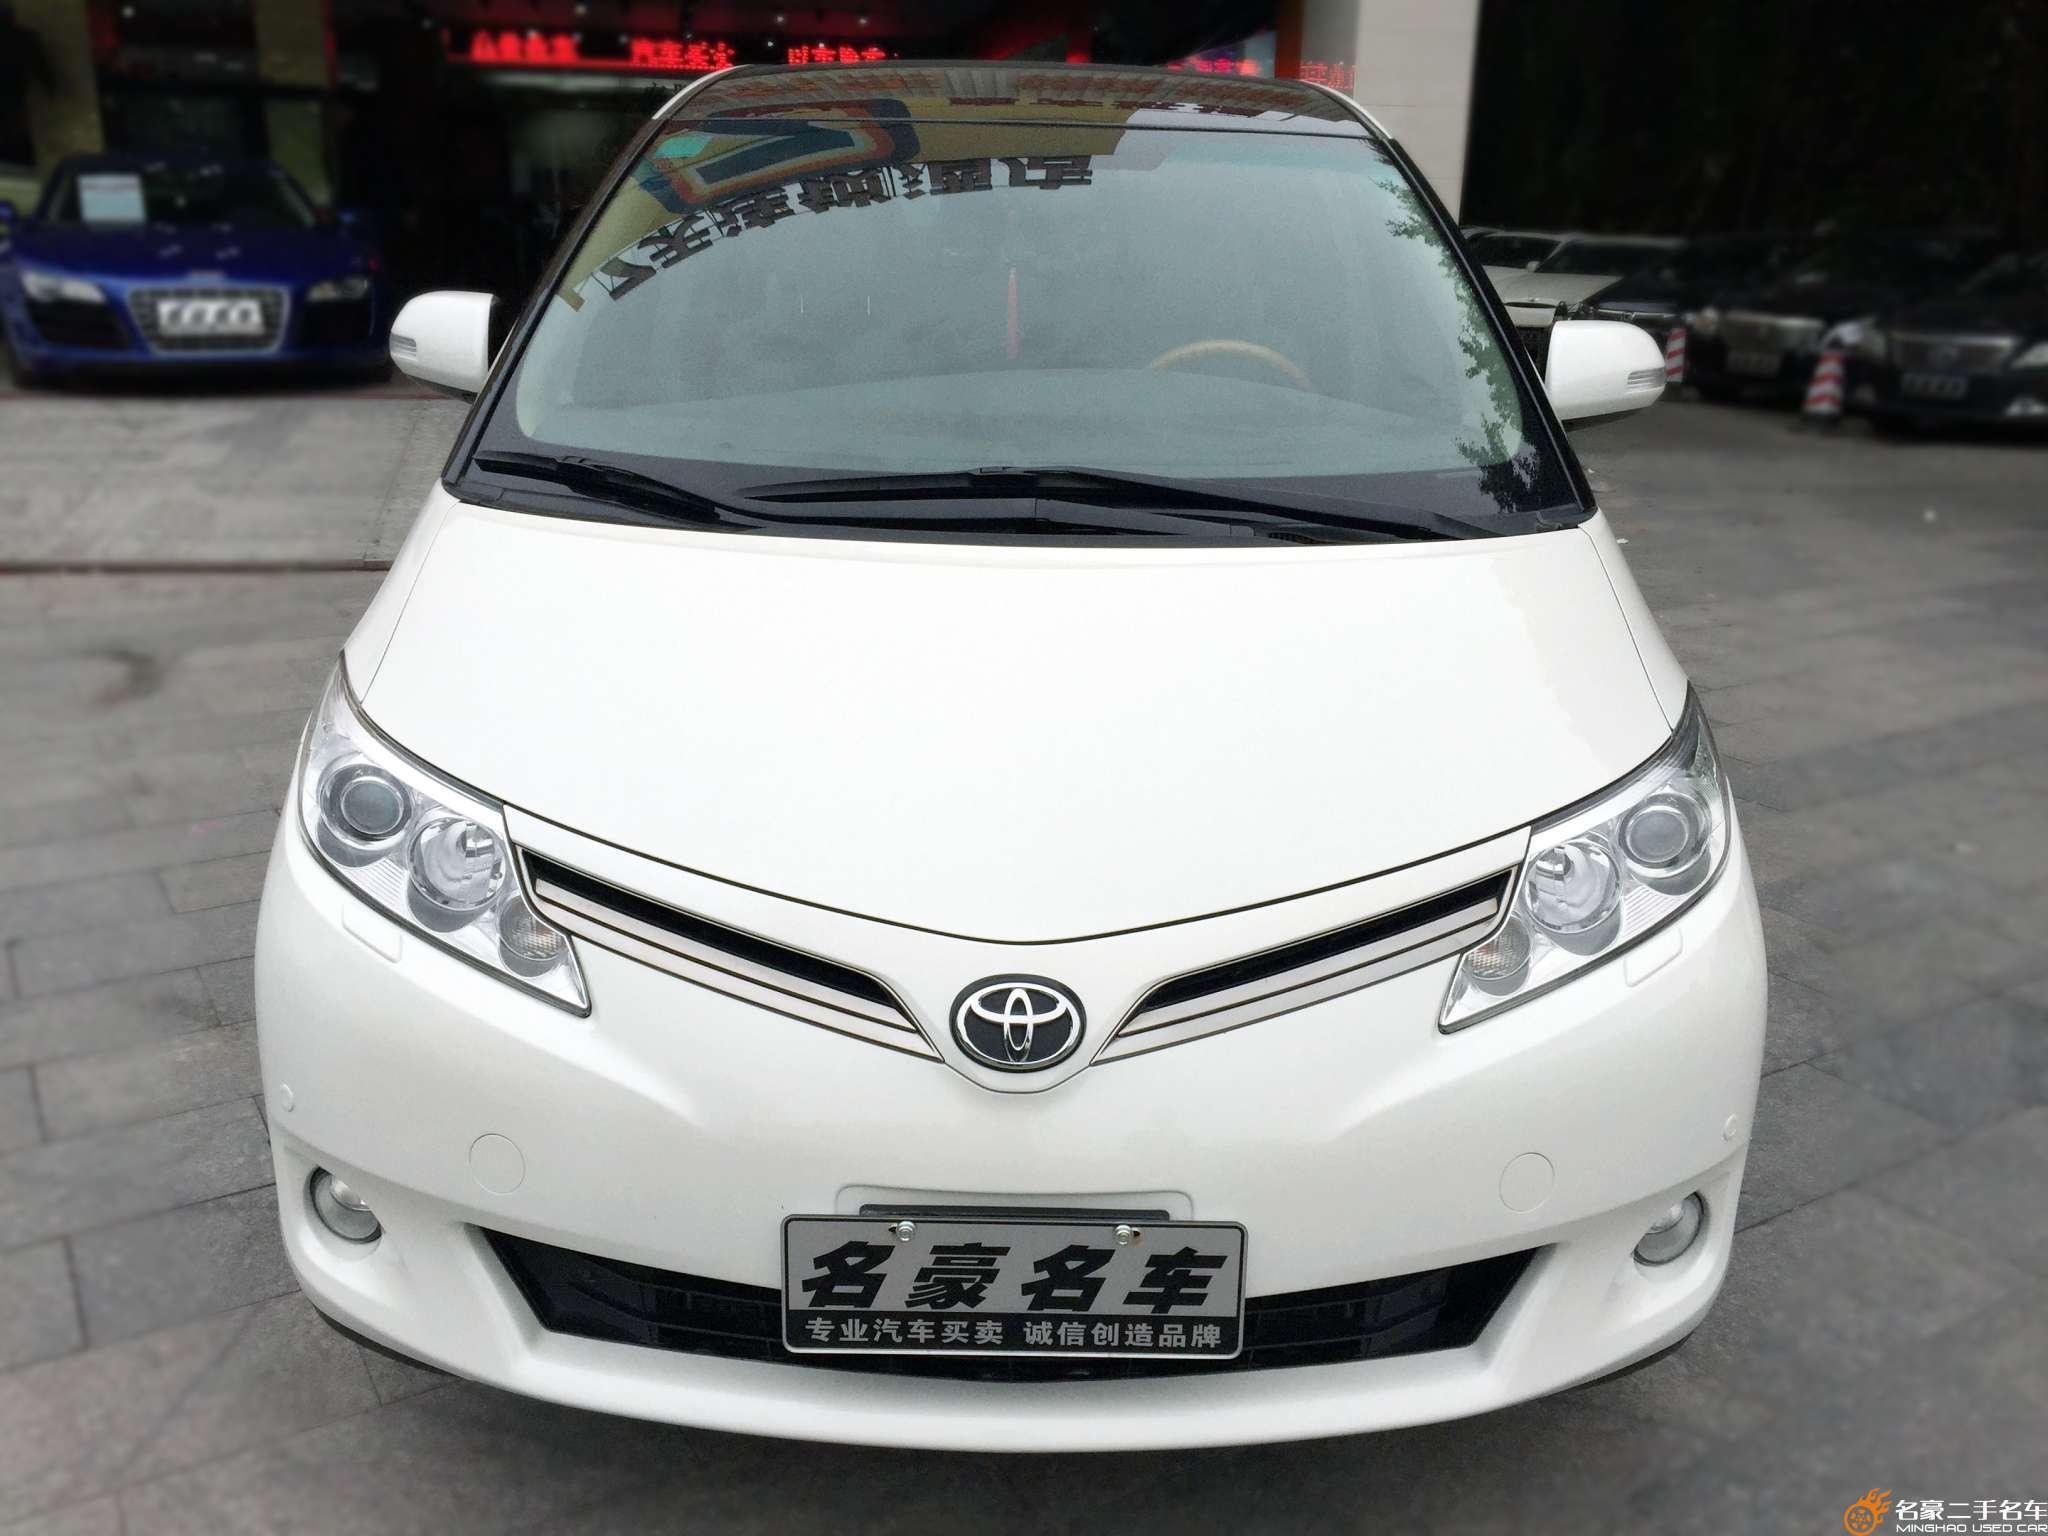 2010年2月 丰田大霸王 2.4l - 珠海市名豪二手车交易